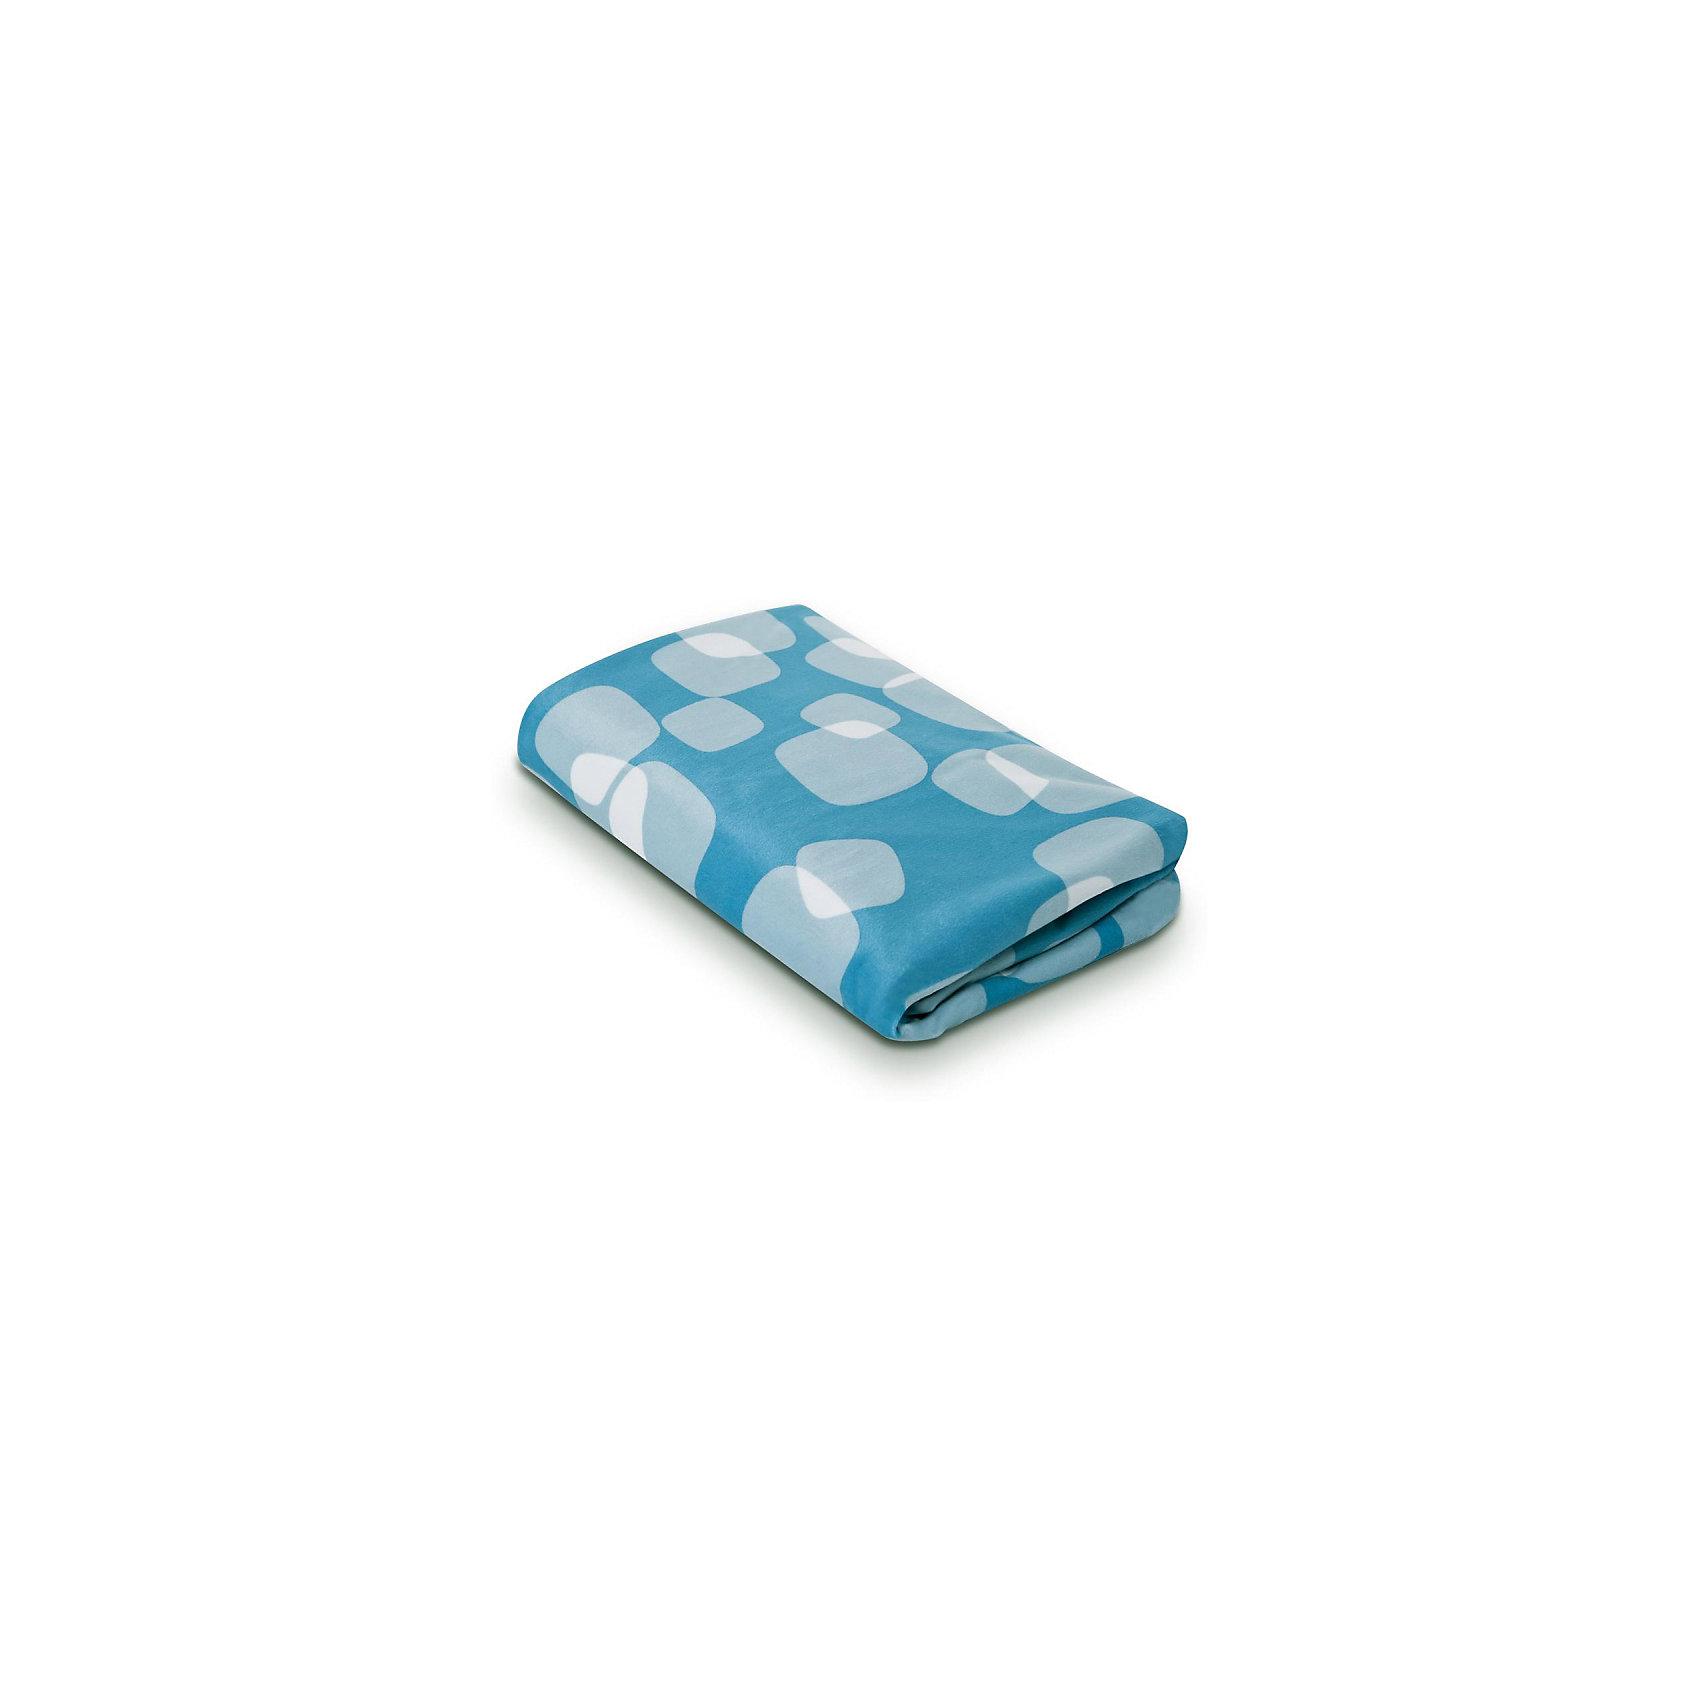 Наматрасник, верхний уровень, 4moms, бриз/голубойПостельное бельё<br>Характеристики товара:<br><br>• возраст с рождения;<br>• материал: плюш;<br>• размер упаковки 21х15х5 см;<br>• вес упаковки 500 гр.;<br>• страна производитель: США<br><br>Наматрасник 4moms для верхнего уровня Breeze голубой подойдет для манежа-кроватки Breeze. Он изготовлен из мягкого материала, приятного на ощупь, безопасного для малышей. Специальная водоотталкивающая пропитка не дает возможности стекать жидкости и защищает манеж.<br><br>Наматрасник 4moms для верхнего уровня Breeze голубой можно приобрести в нашем интернет-магазине.<br><br>Ширина мм: 210<br>Глубина мм: 150<br>Высота мм: 50<br>Вес г: 500<br>Возраст от месяцев: 0<br>Возраст до месяцев: 36<br>Пол: Унисекс<br>Возраст: Детский<br>SKU: 5572073